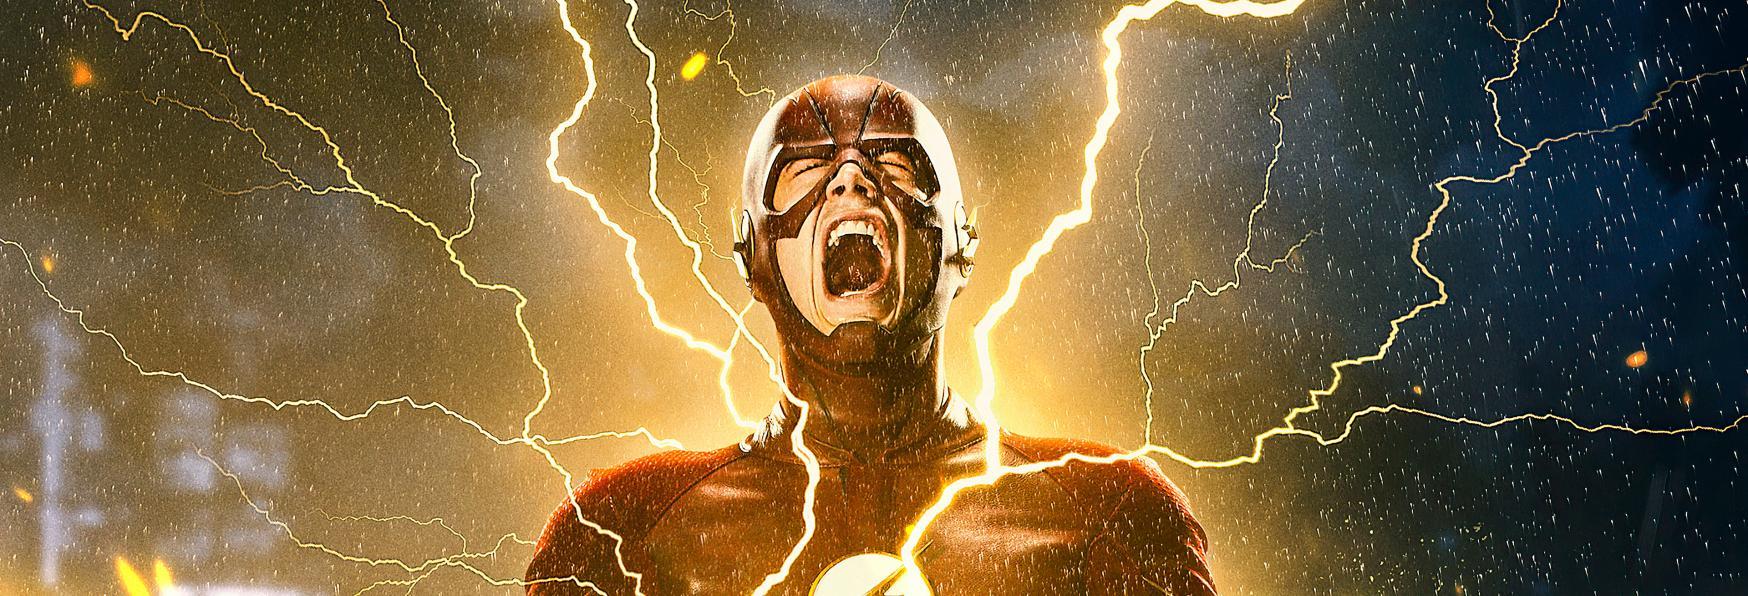 The Flash 7: Rilasciato il Promo del Terzo Episodio della nuova Stagione